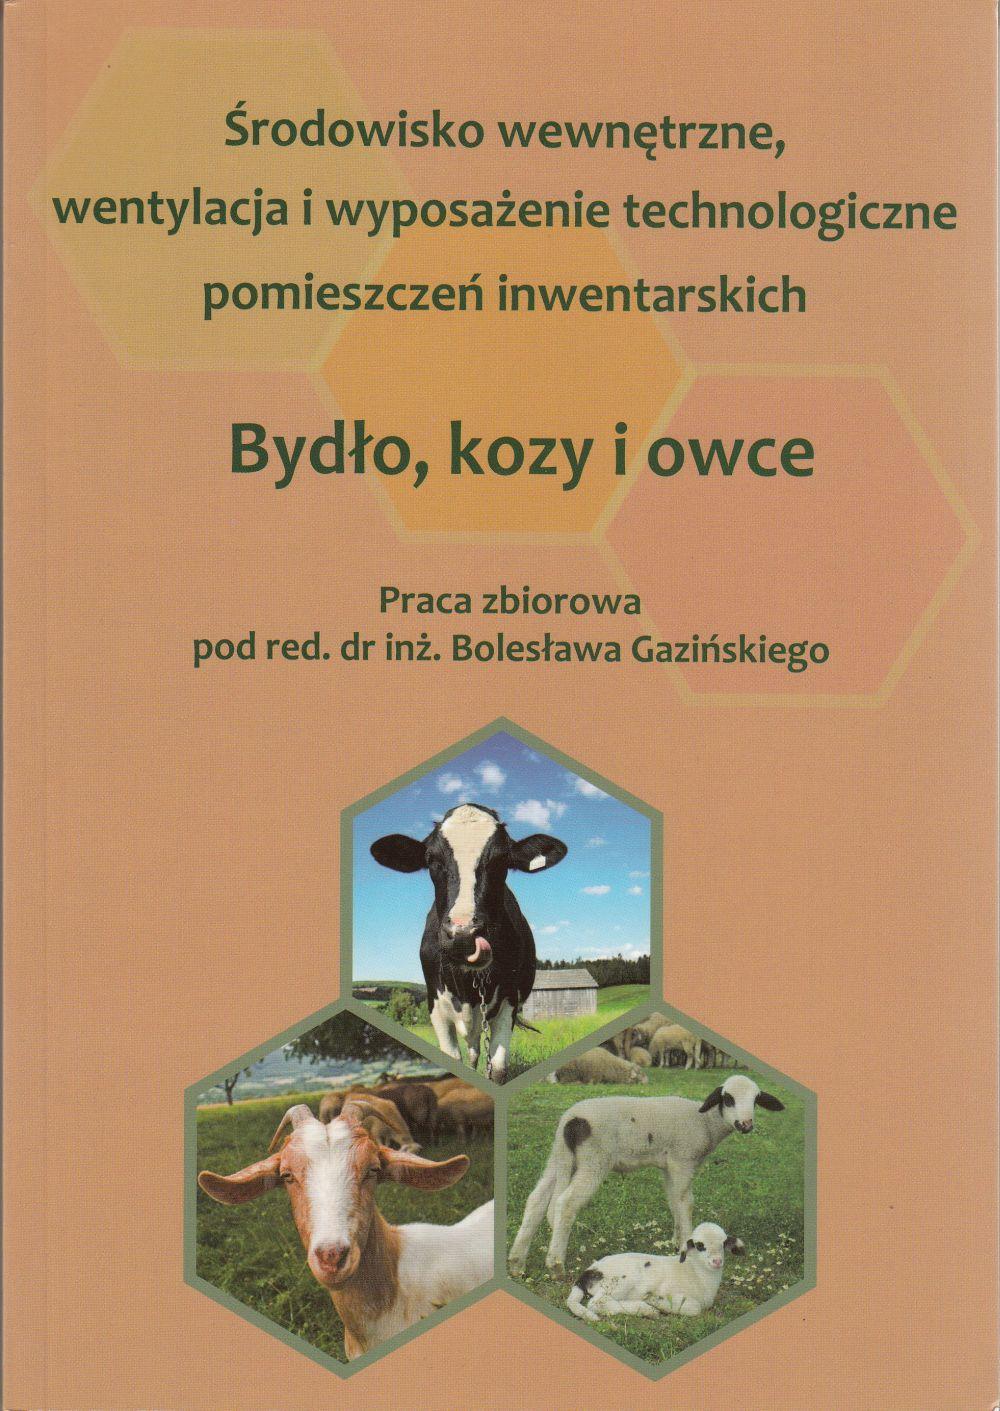 Środowisko wewnętrzne, wentylacja i wyposażenie technologiczne pomieszczeń inwentarskich. Bydło, kozy i owce.